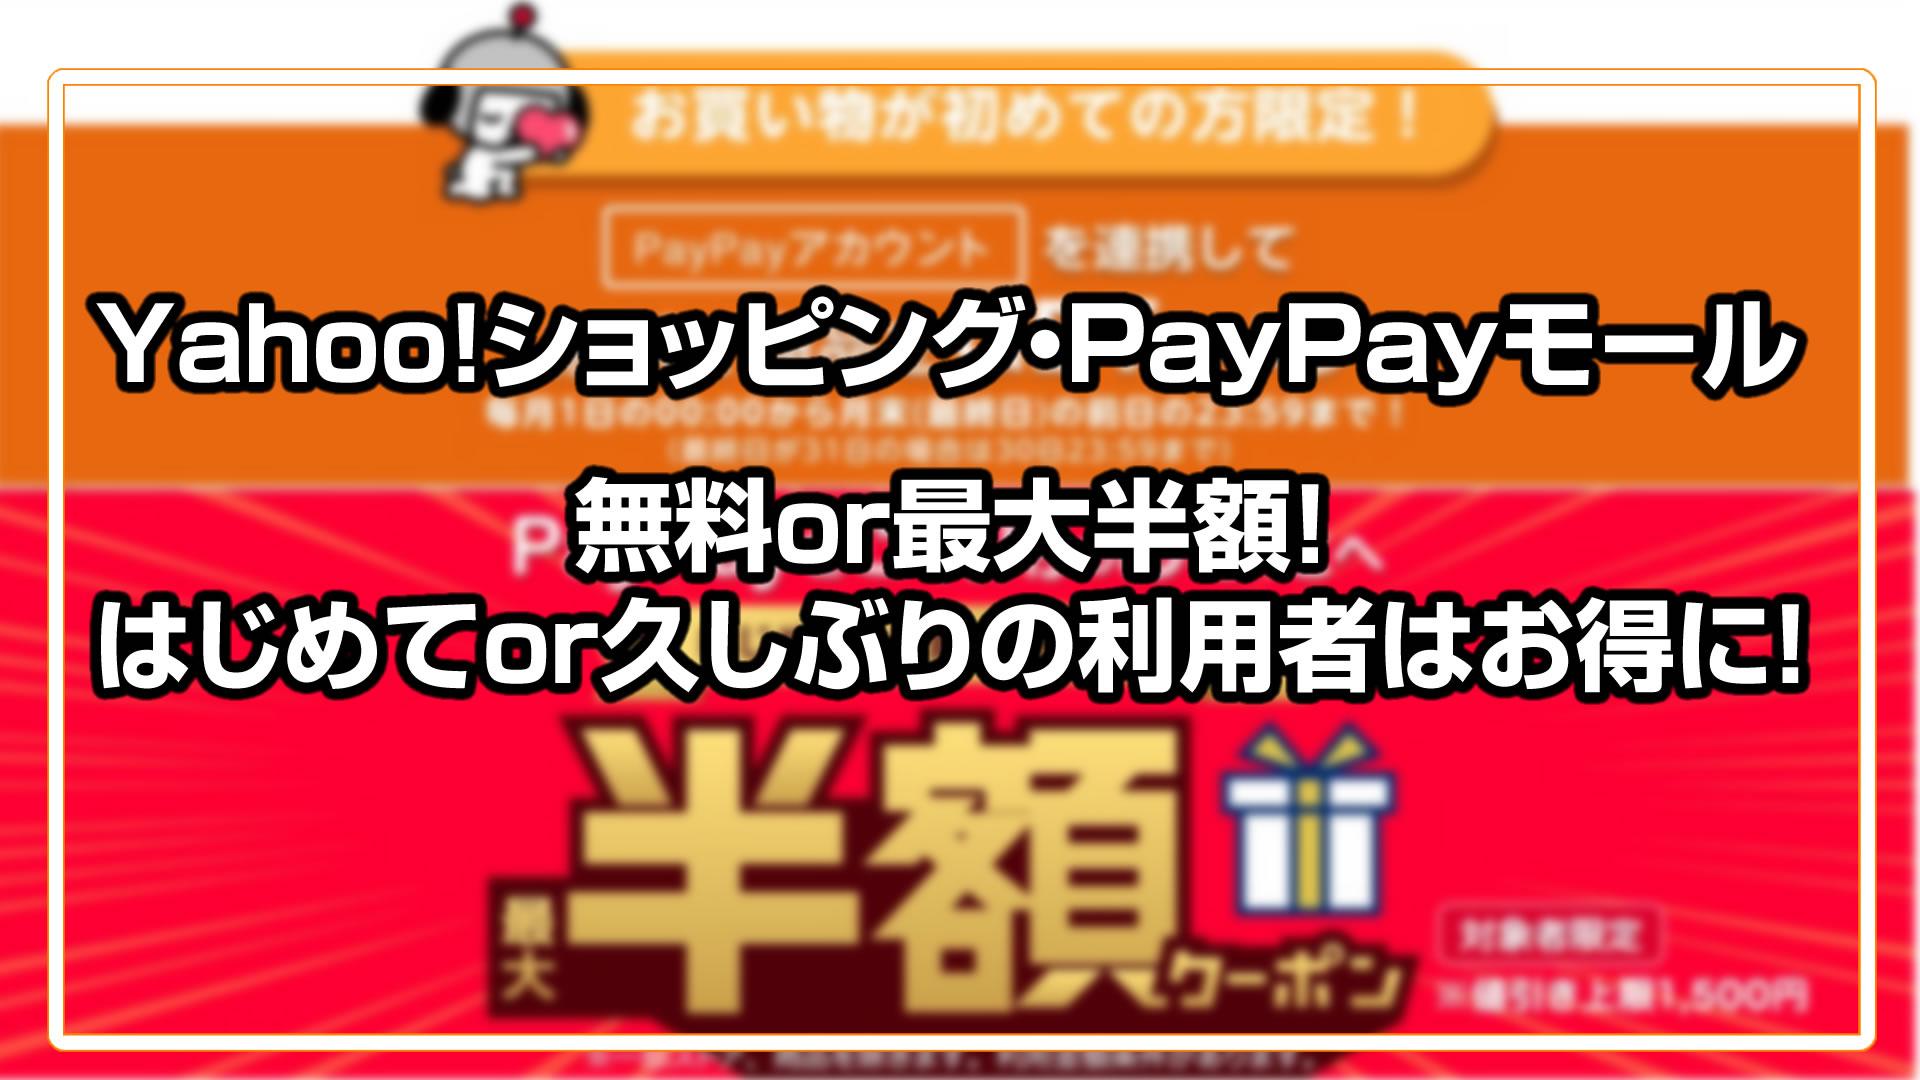 無料or半額!はじめてor久々にYahoo!ショッピング・PayPayモールを使うと得に!